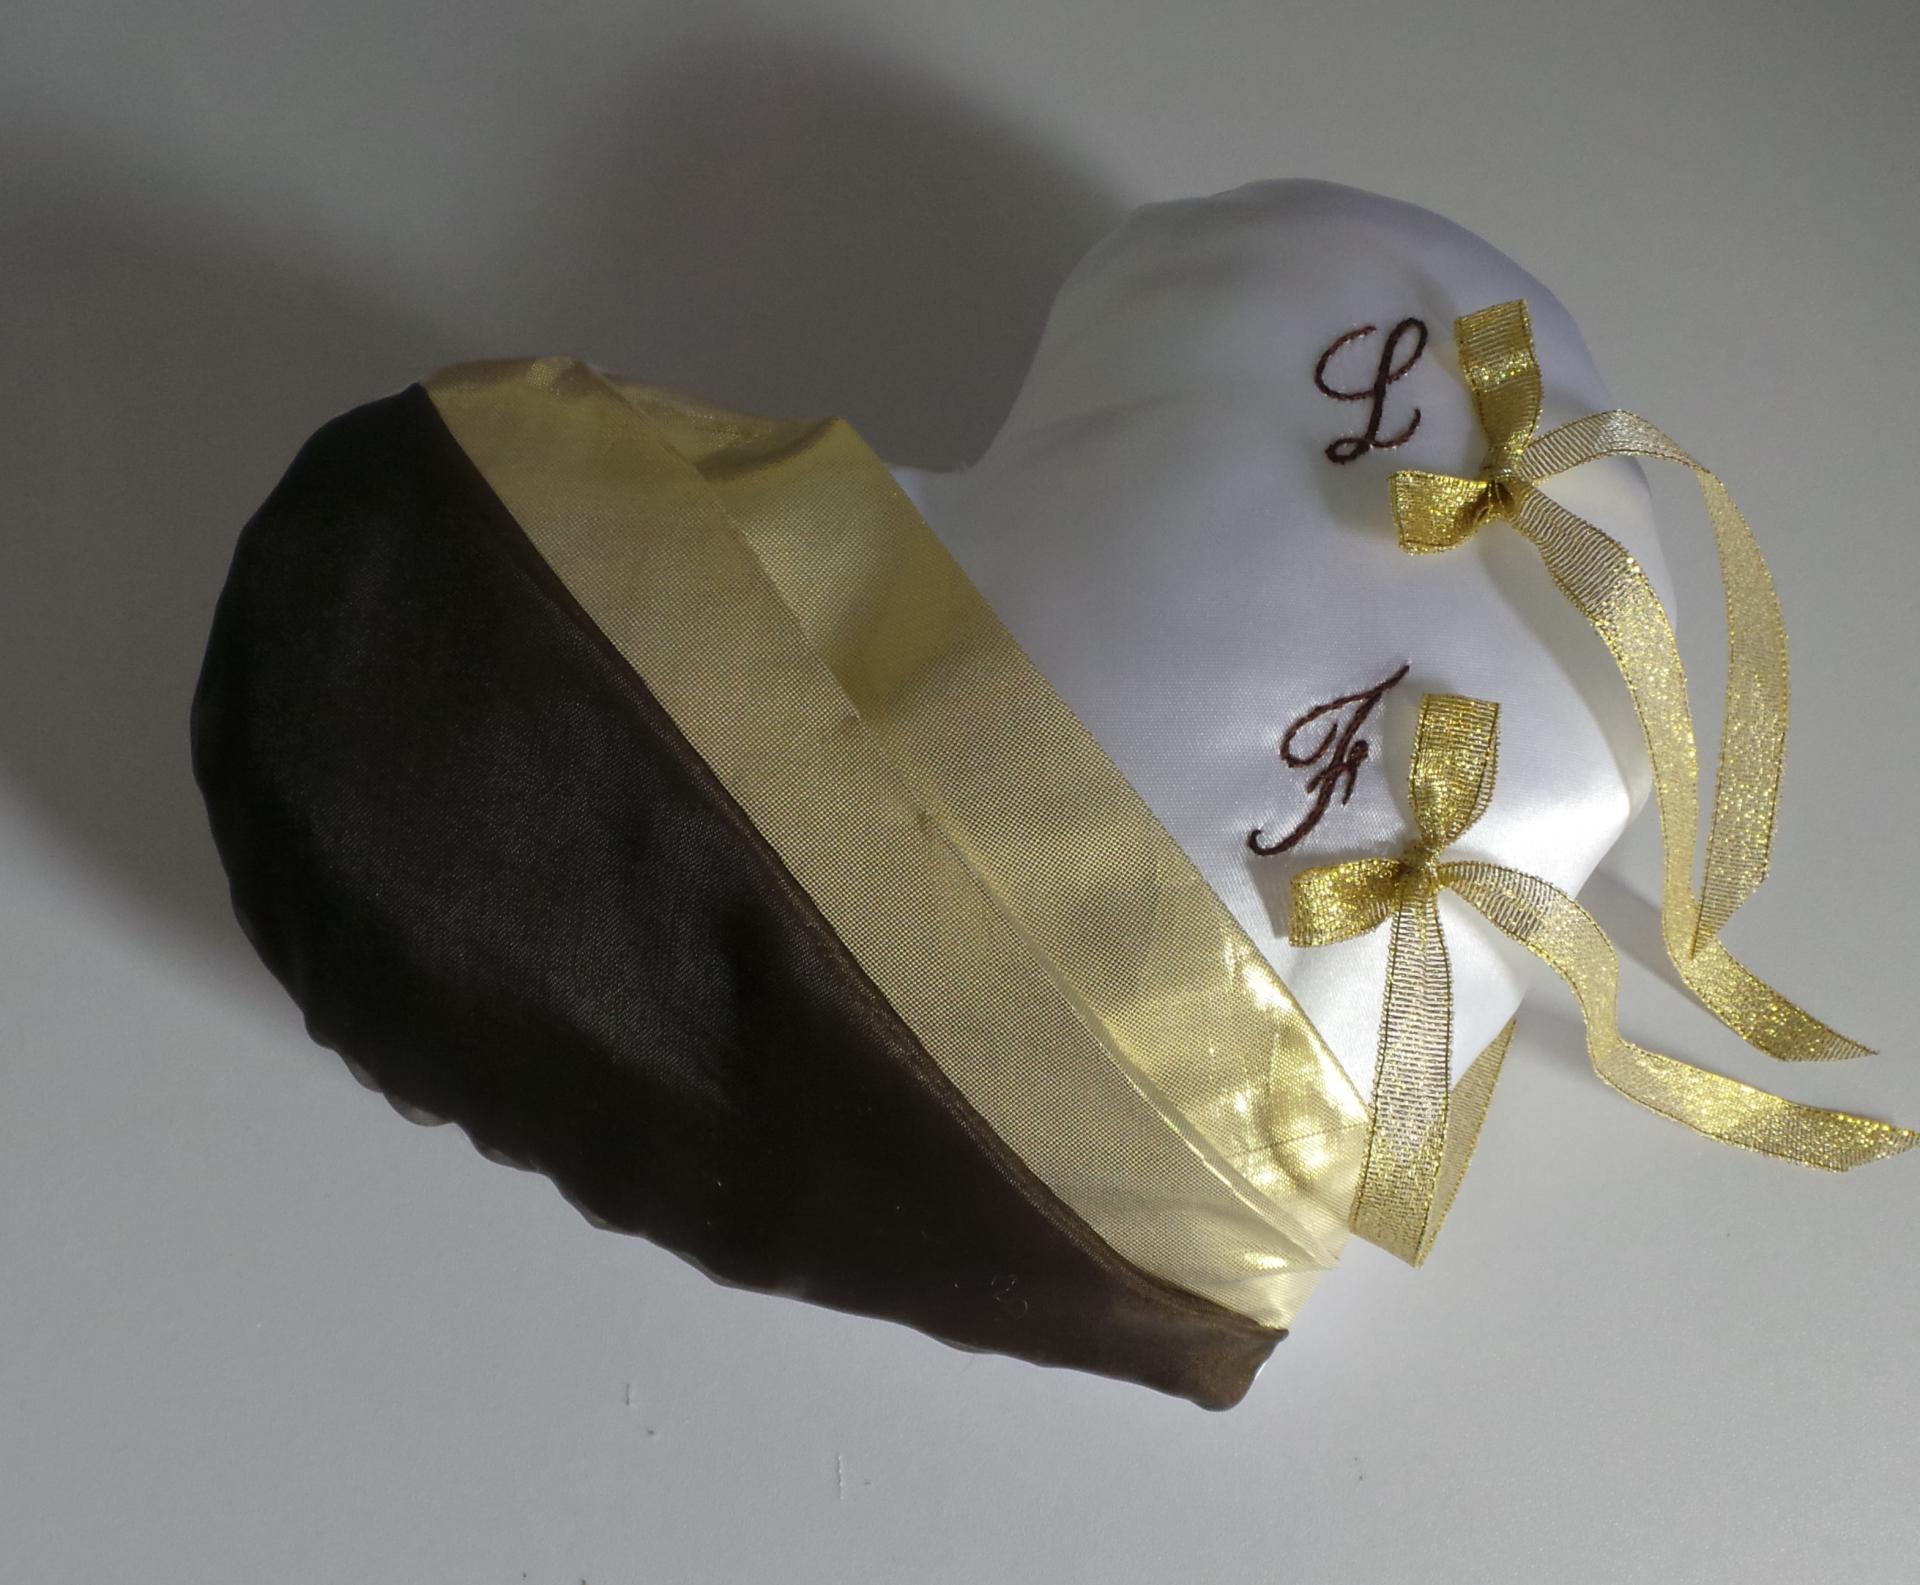 Coussin mariage marron et or dore